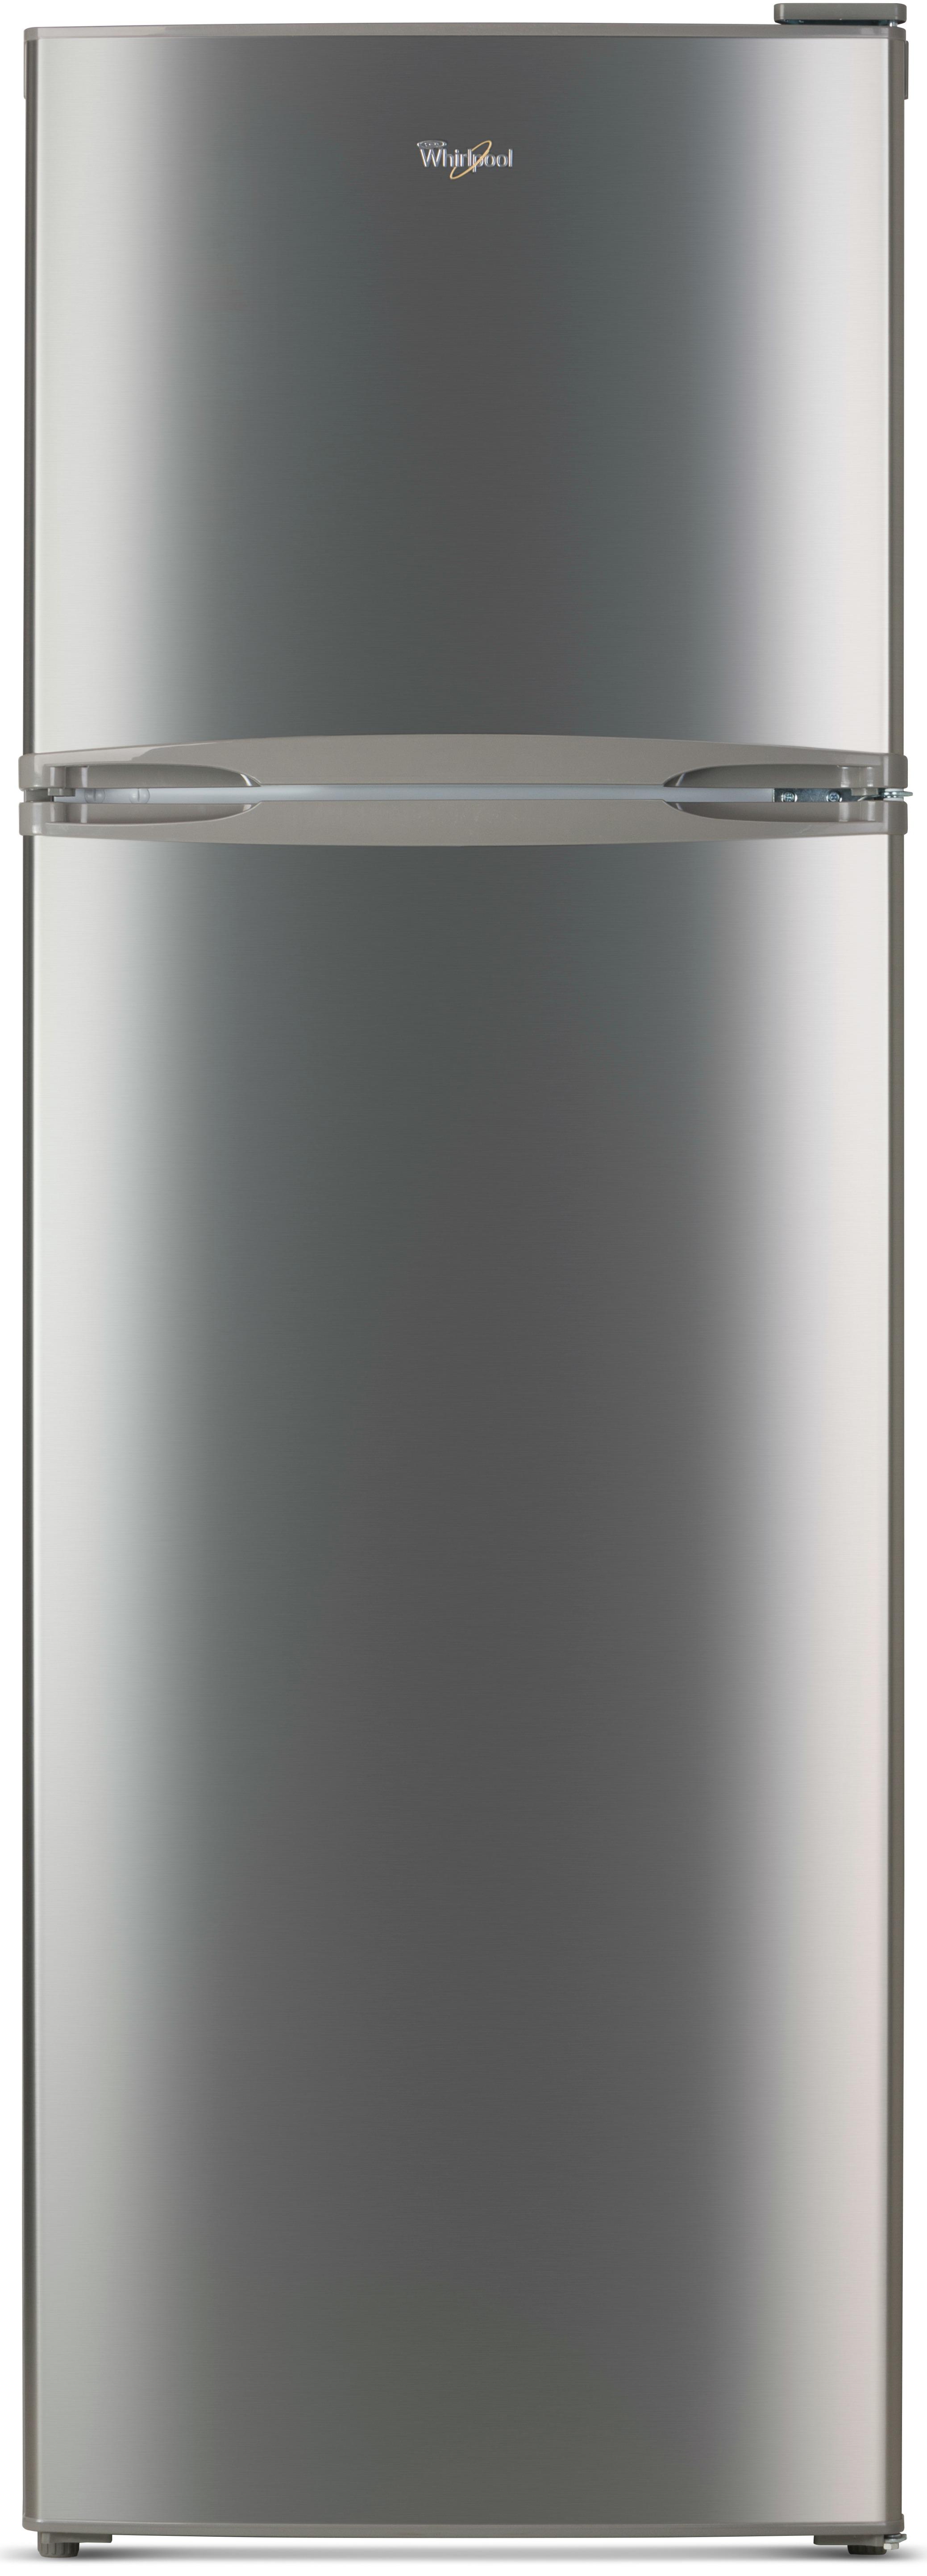 Refrigerador Frío Directo 311 lts